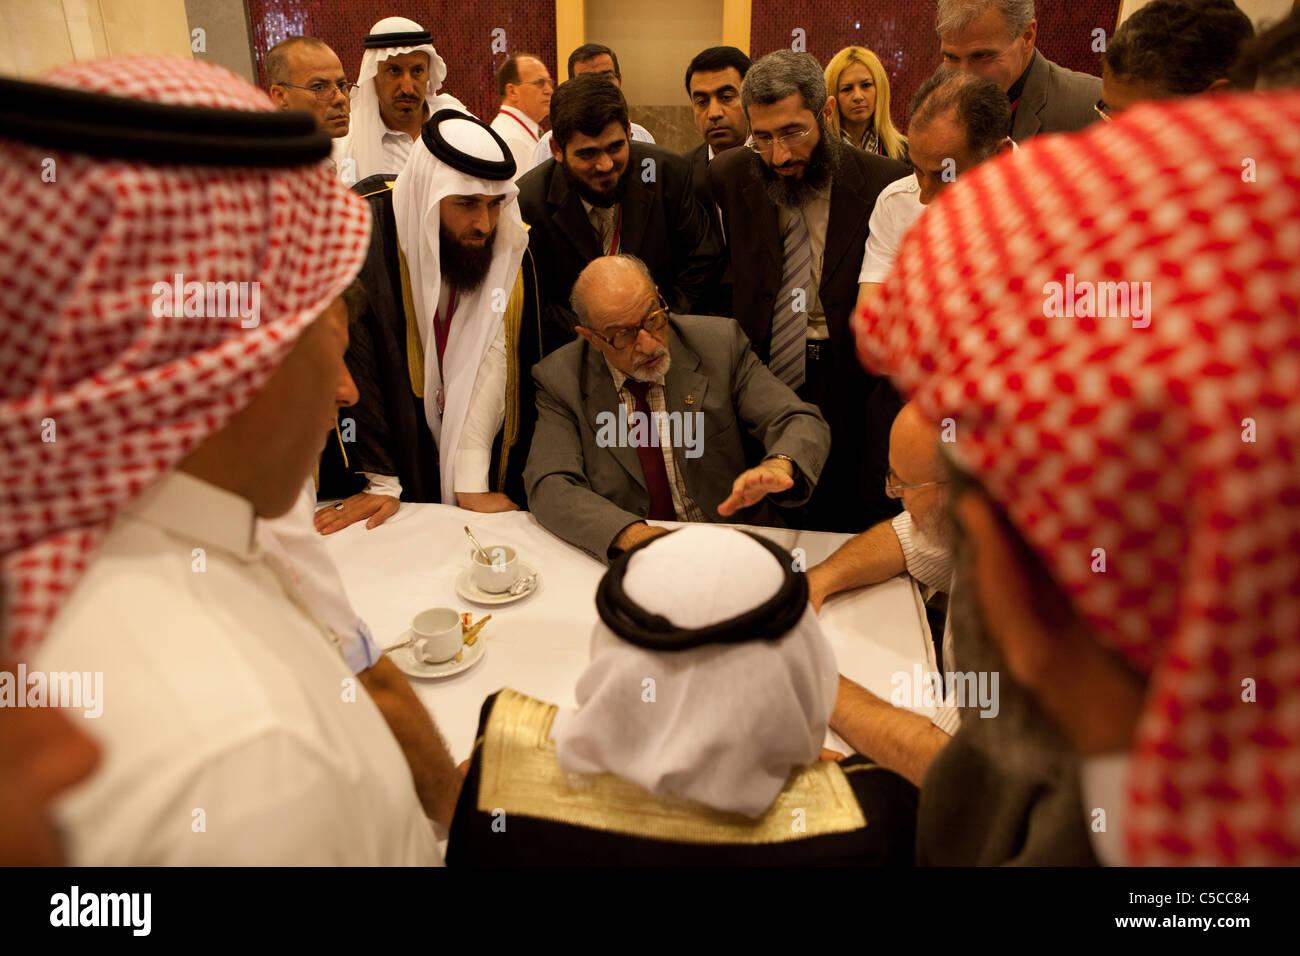 M. Haitham Al Maleh; 'Nelson Mandella de Syrie' discute avec les députés de l'opposition Photo Stock